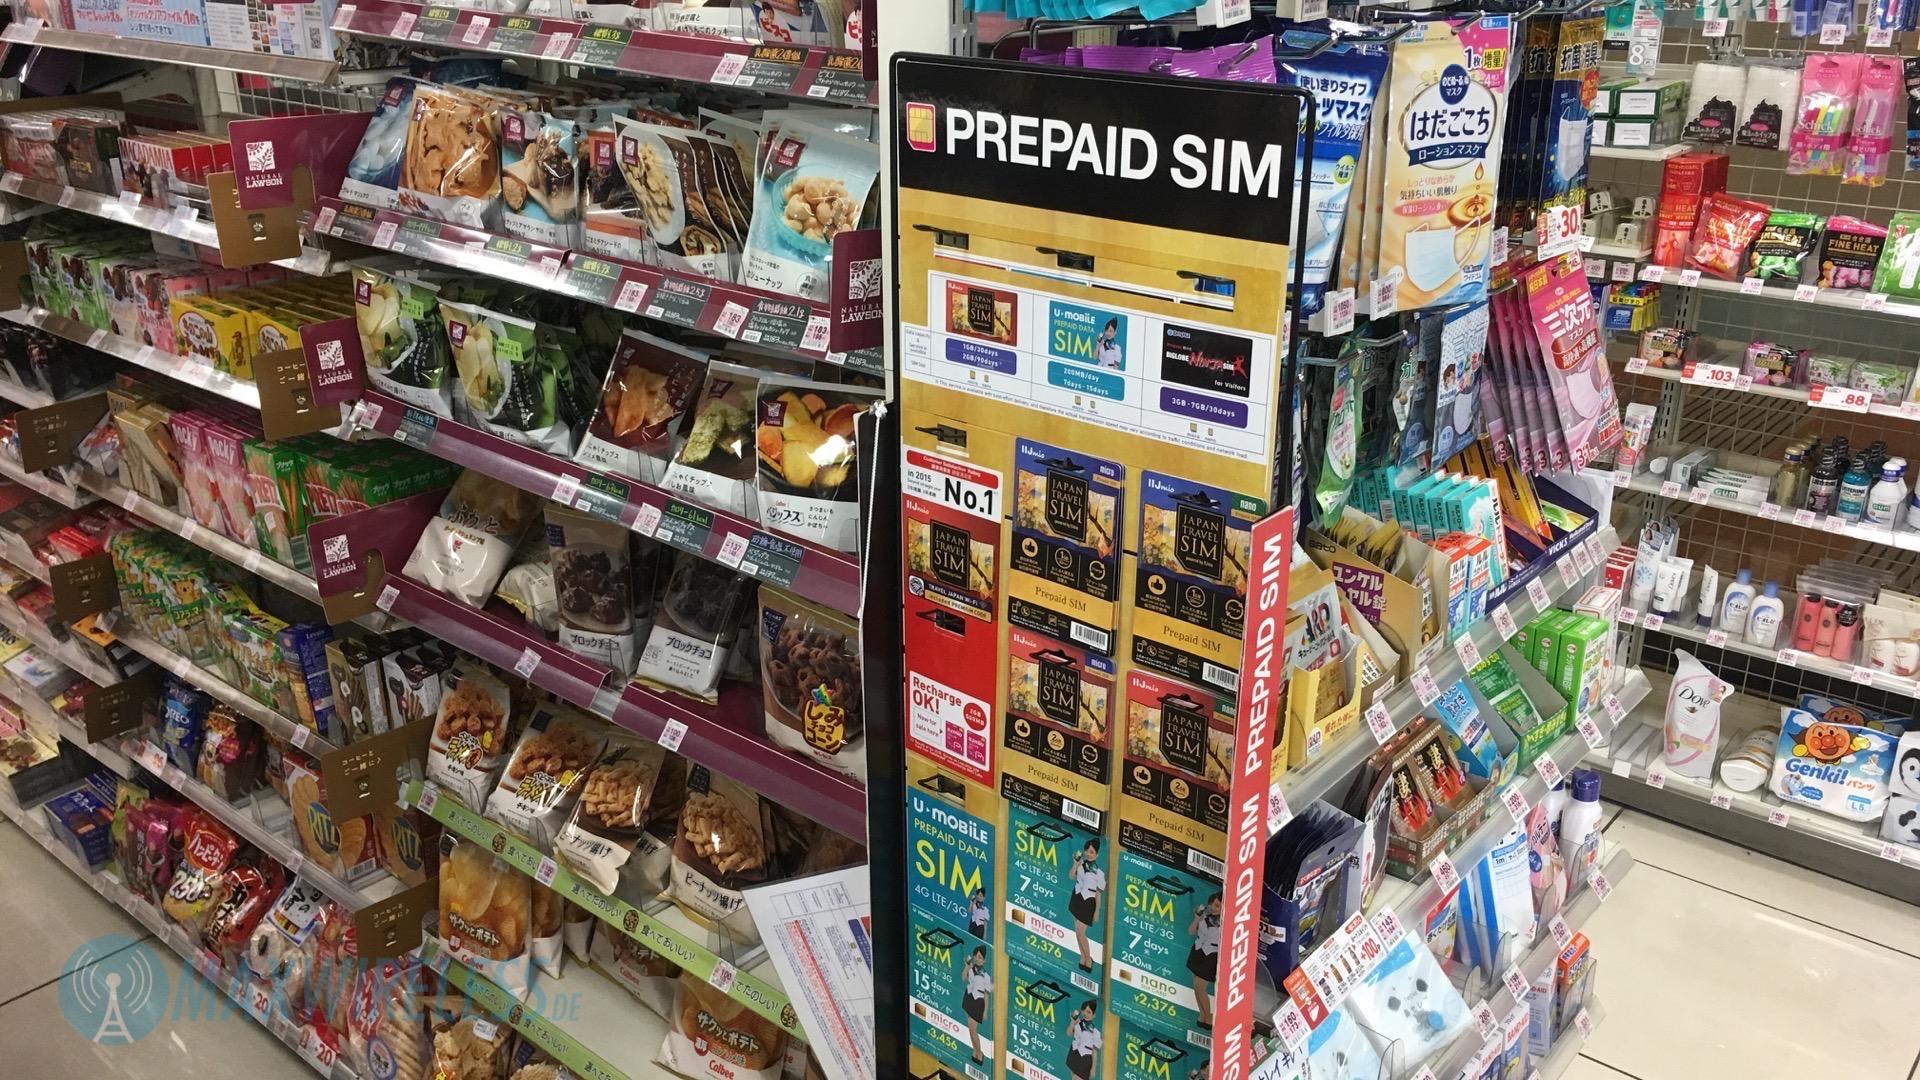 sim karte japan Erfahrungsbericht: Prepaid SIM Karte in Japan kaufen | maxwireless.de